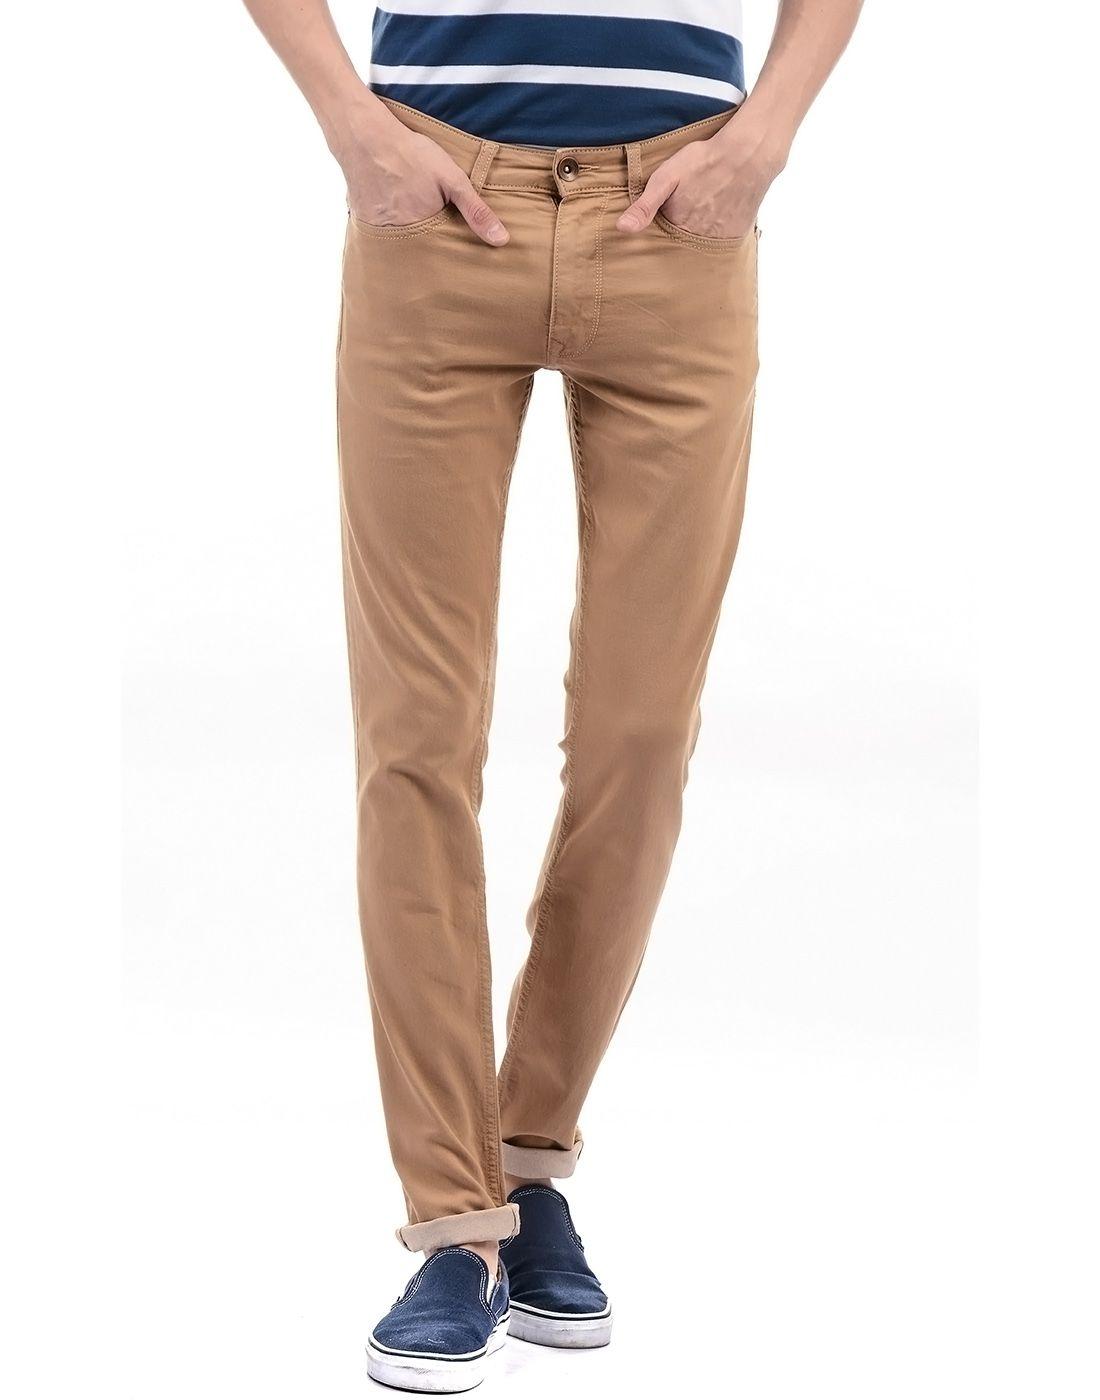 Pepe Jeans Brown Slim Jeans